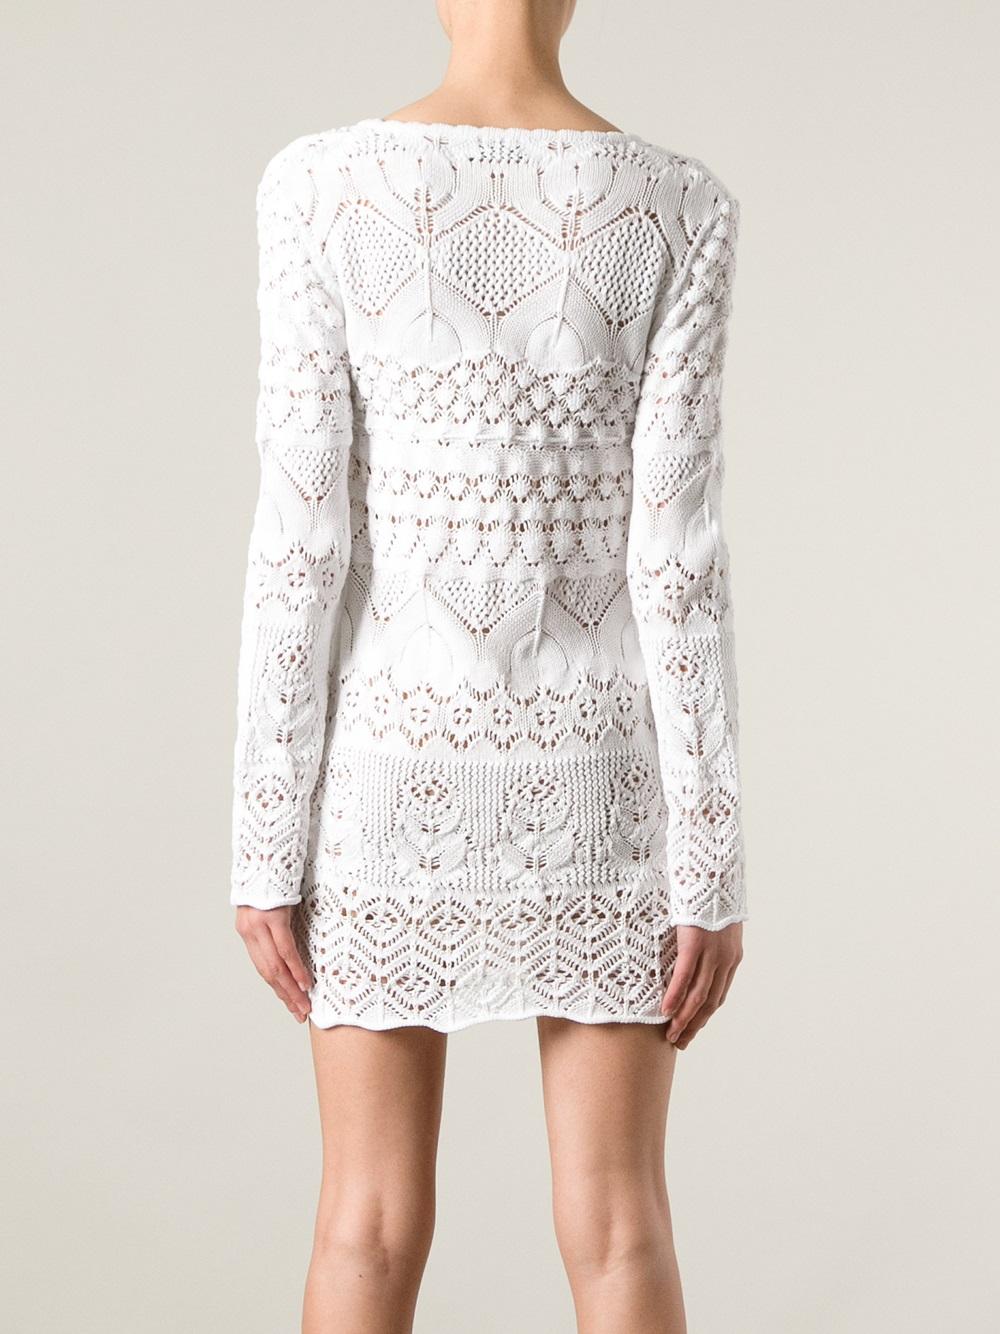 White dress crochet - Gallery